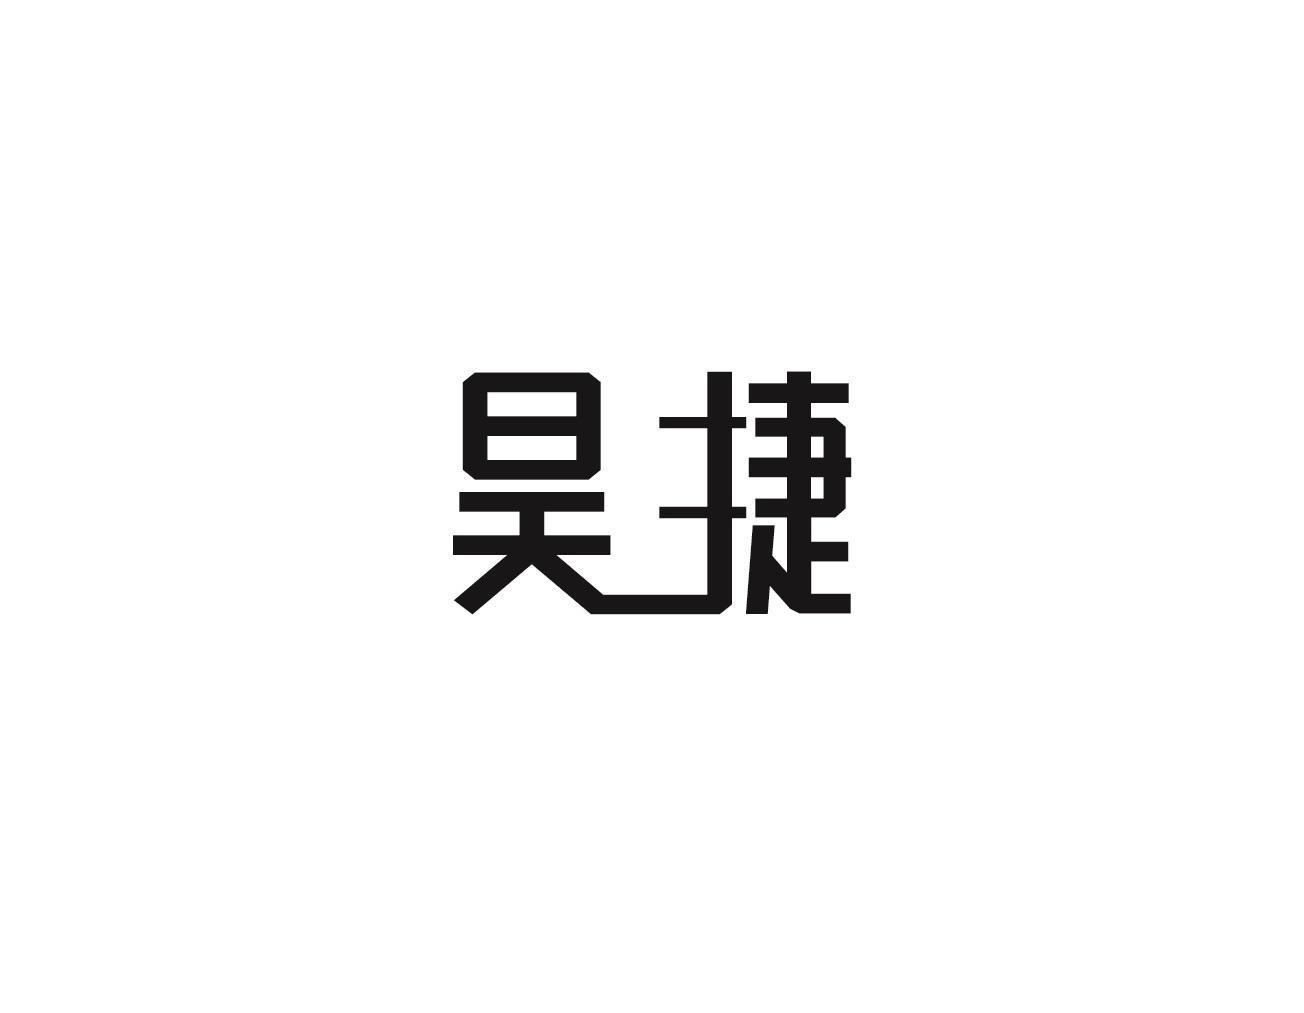 17类-橡胶石棉,昊捷